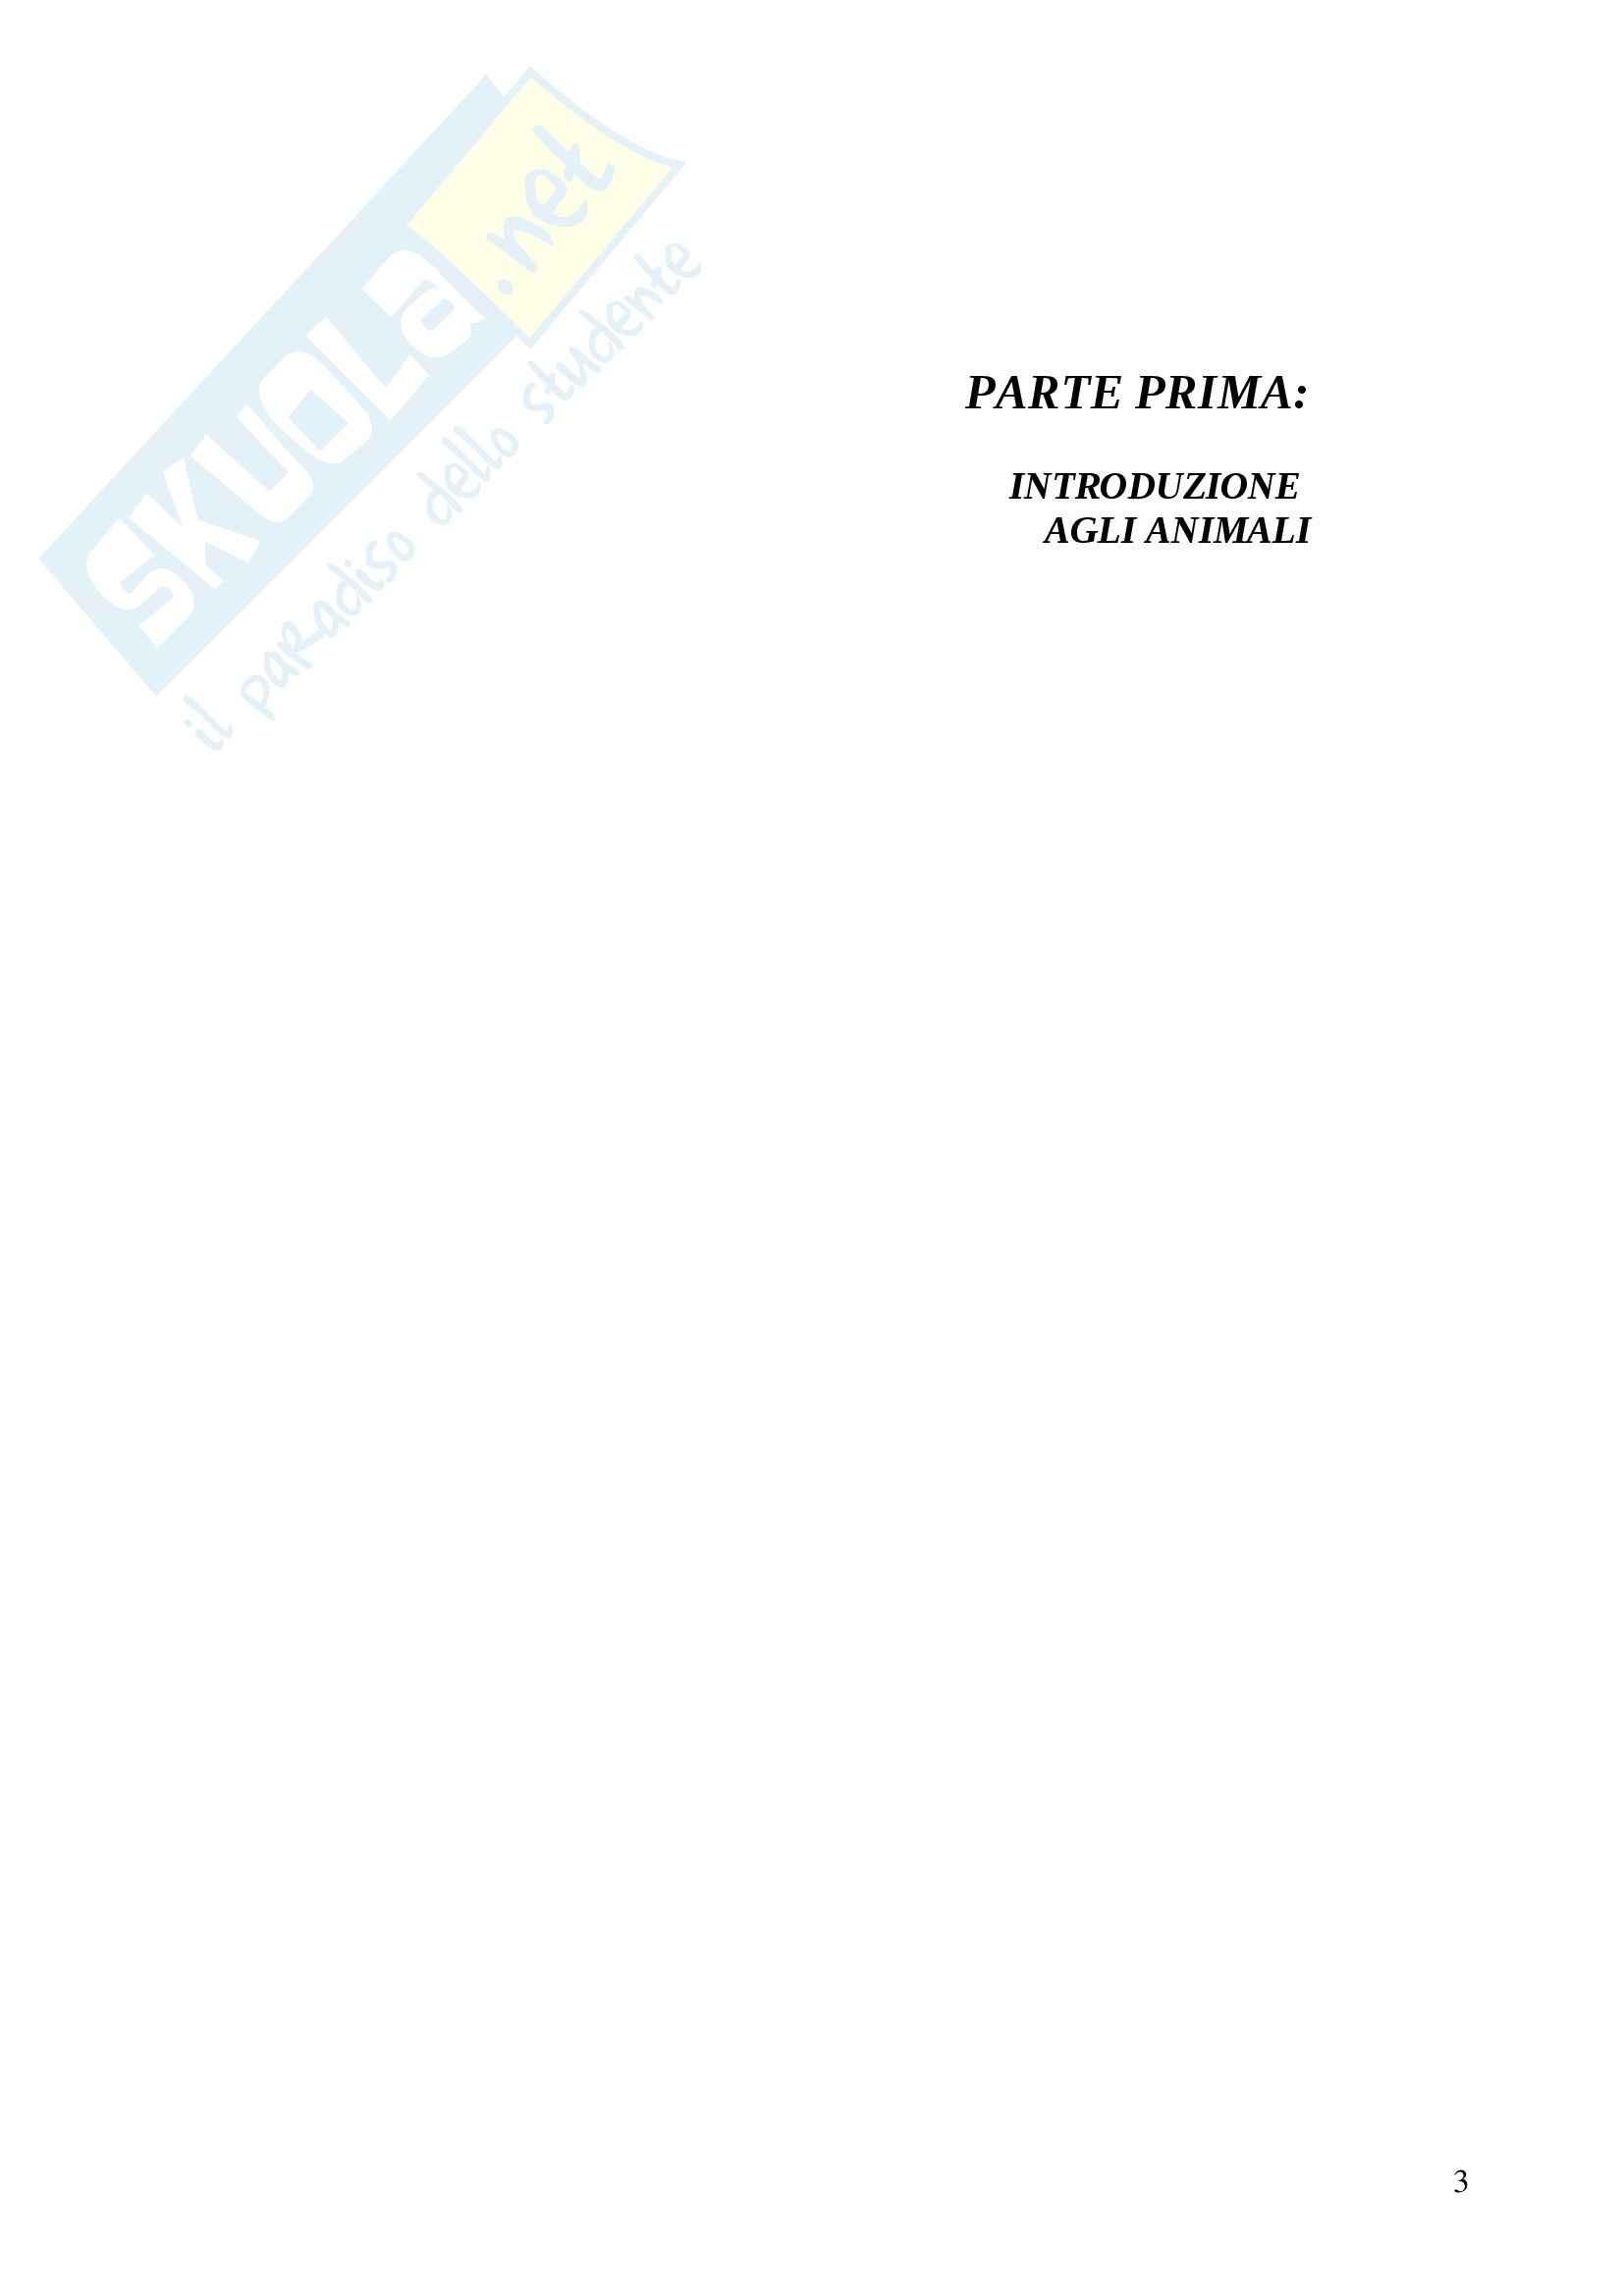 Riassunto esame Zoologia prof Bologna libro consigliato Trattato Italiano di Zoologia 1 e